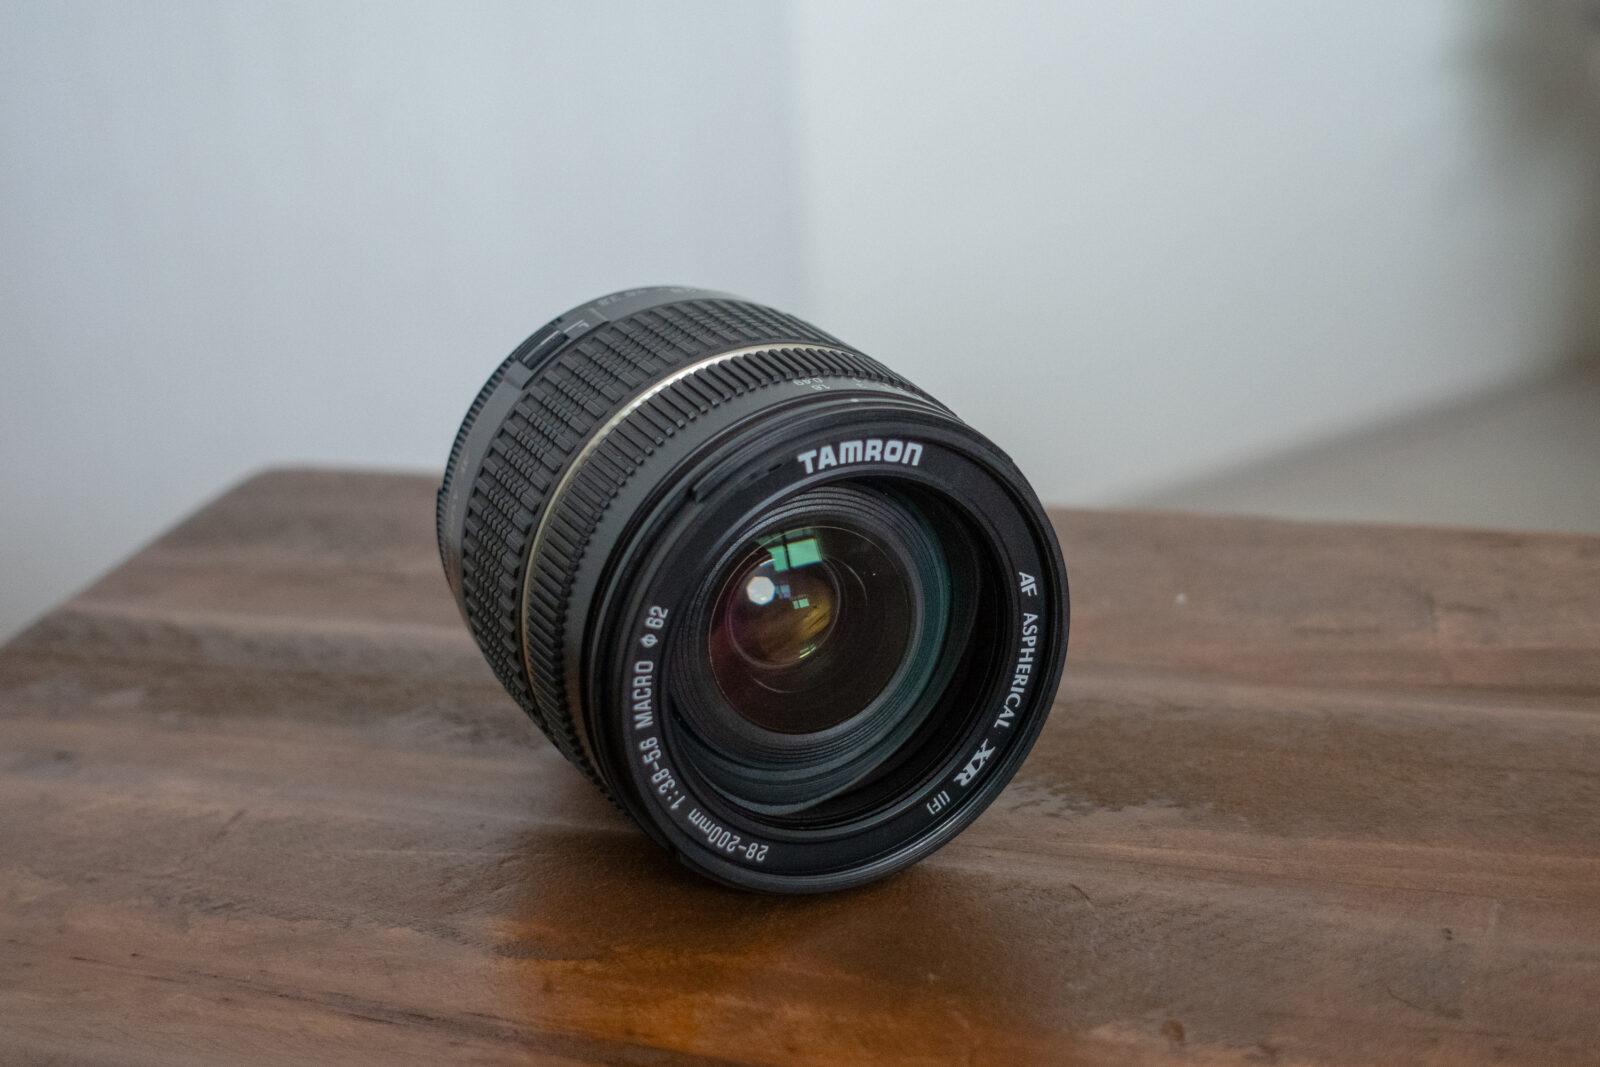 TAMRON 28-200mm F3.8-5.6 Macro 作例